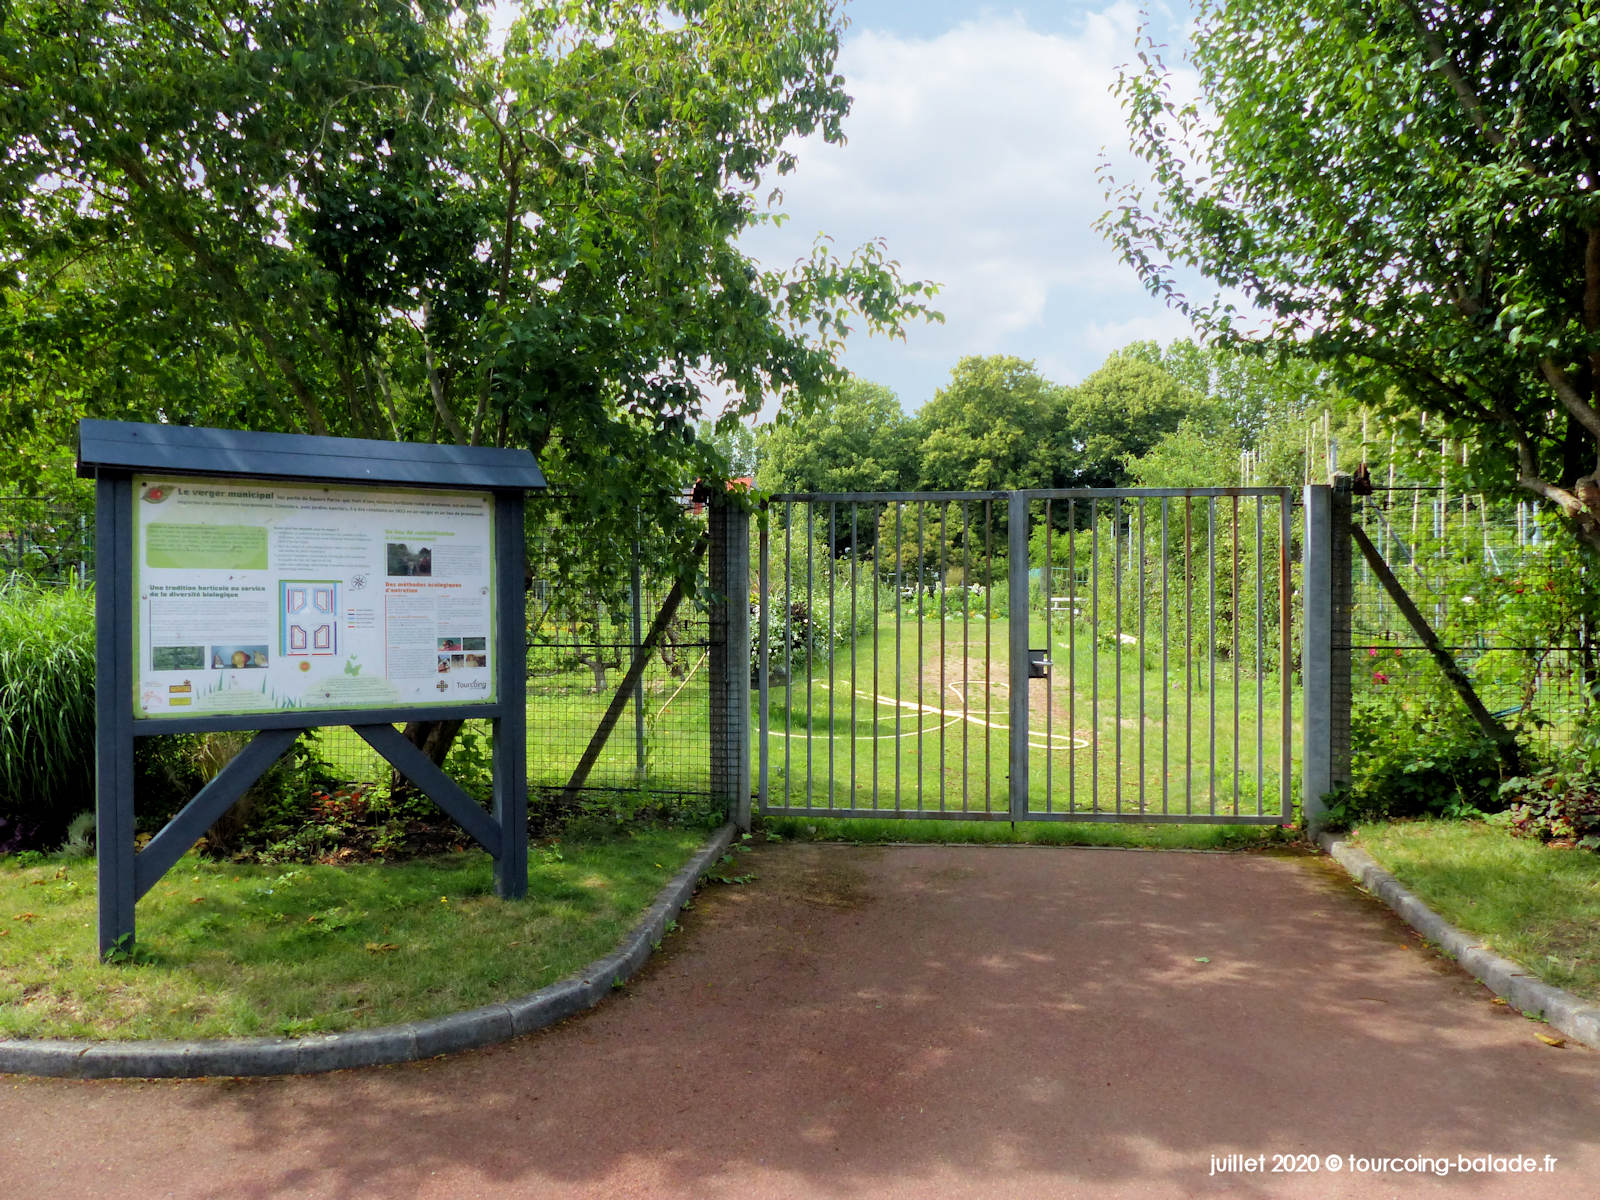 Entrée du Verger Municipal Parsy, Tourcoing 2020